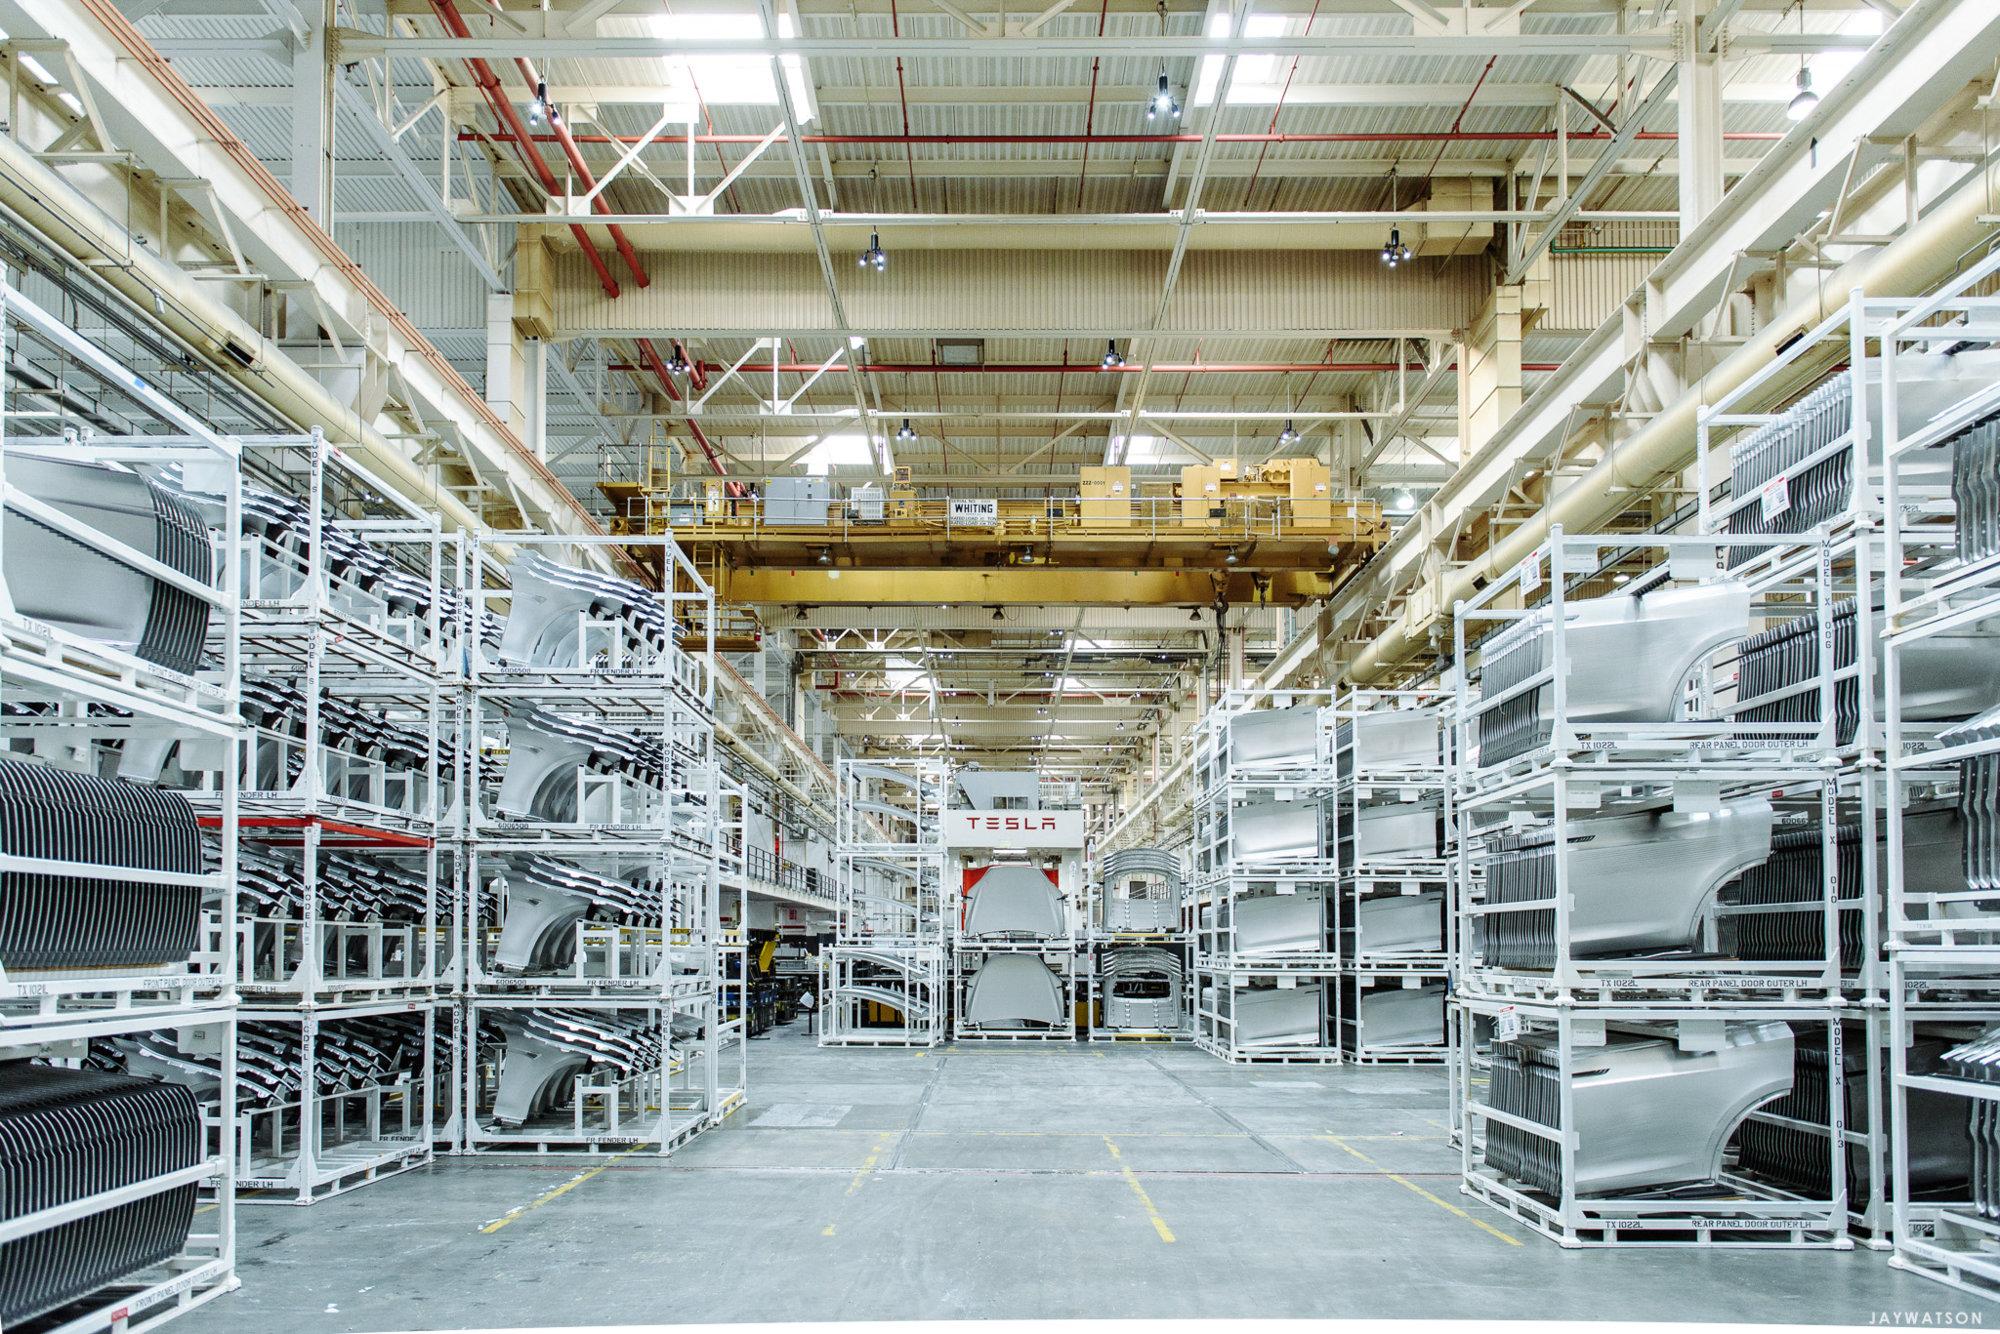 01-watson-tesla-factory-fremont-0028.jpg